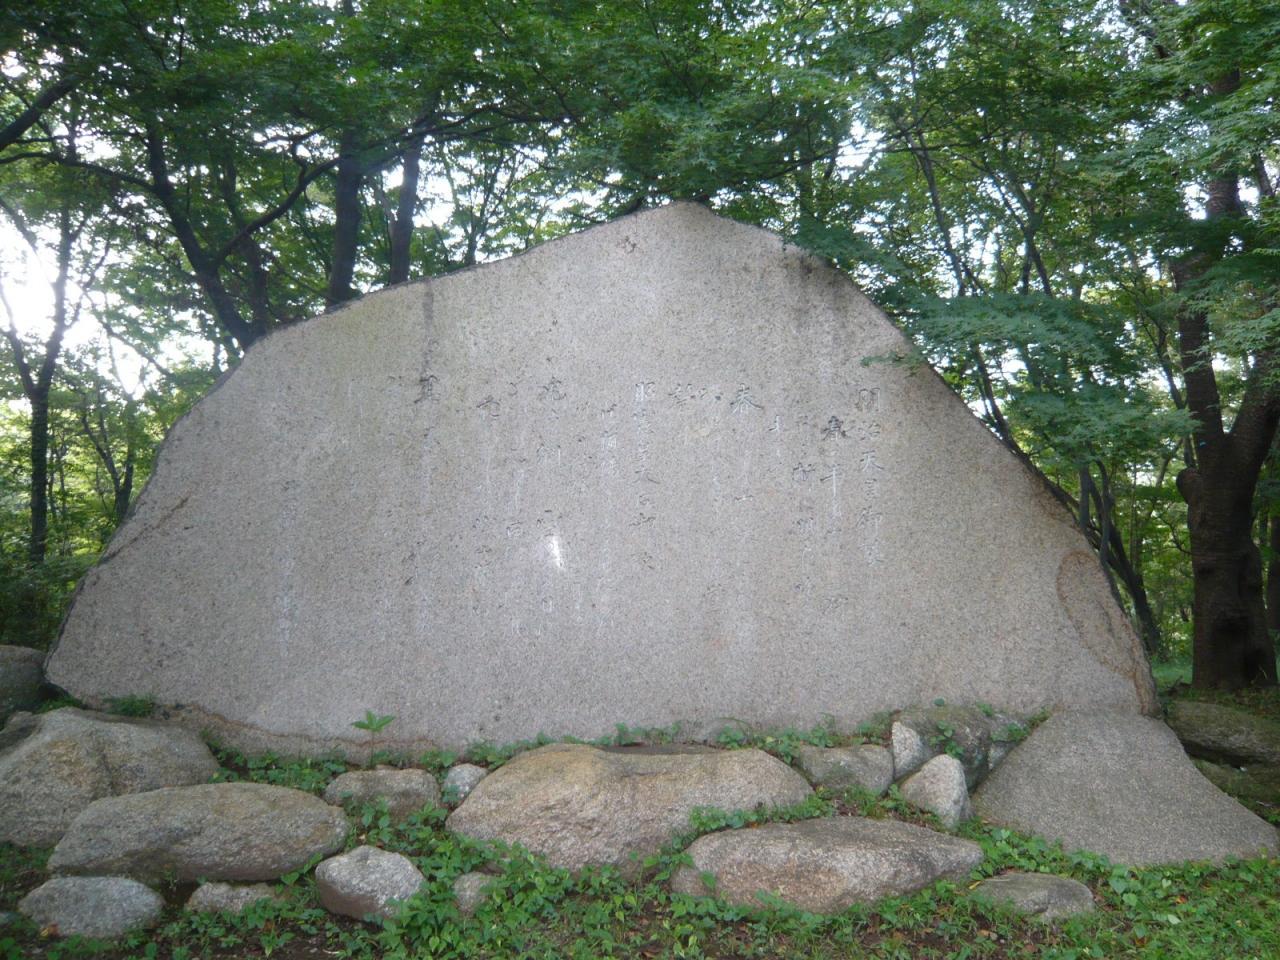 旧多摩聖蹟記念館と終戦の日前日の靖国神社と一等三角点